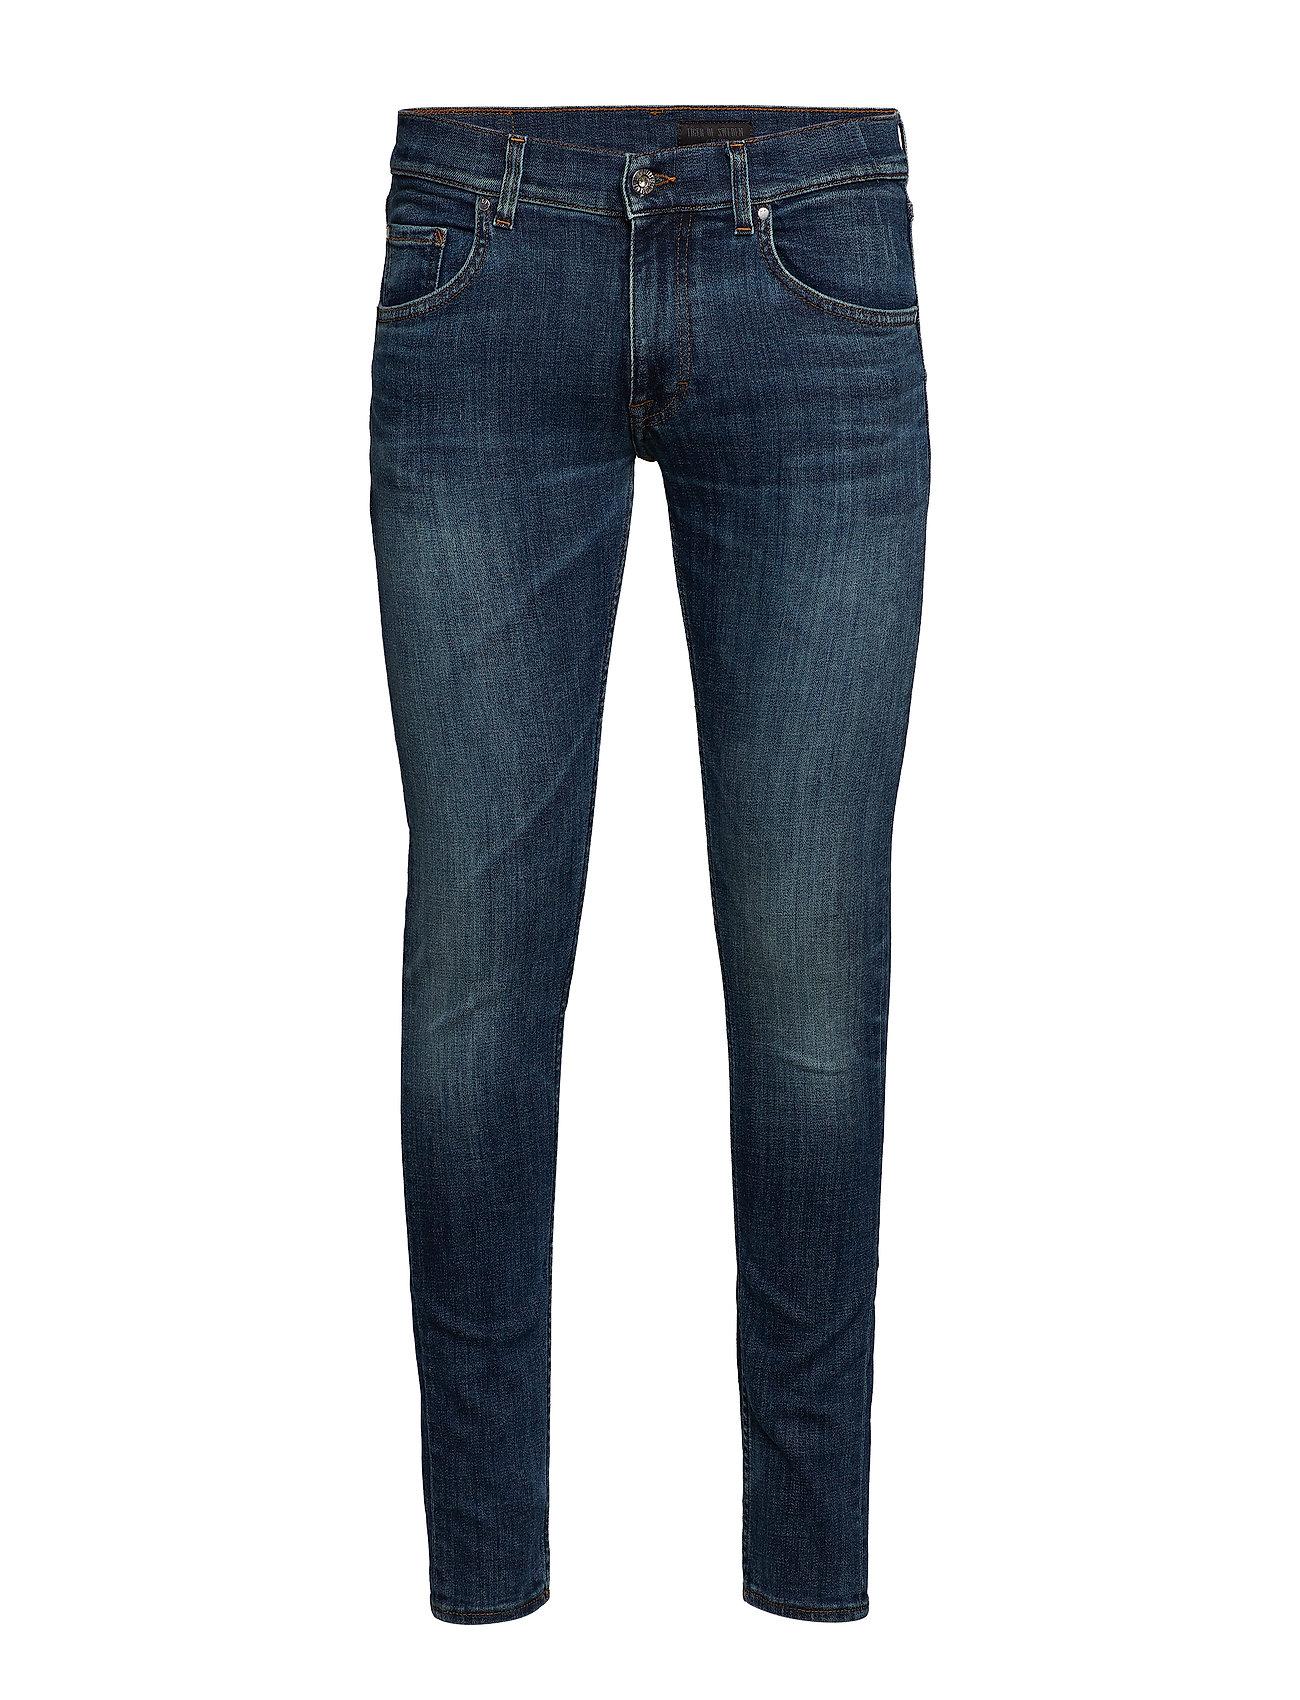 Tiger of Sweden Jeans SLIM - ROYAL BLUE